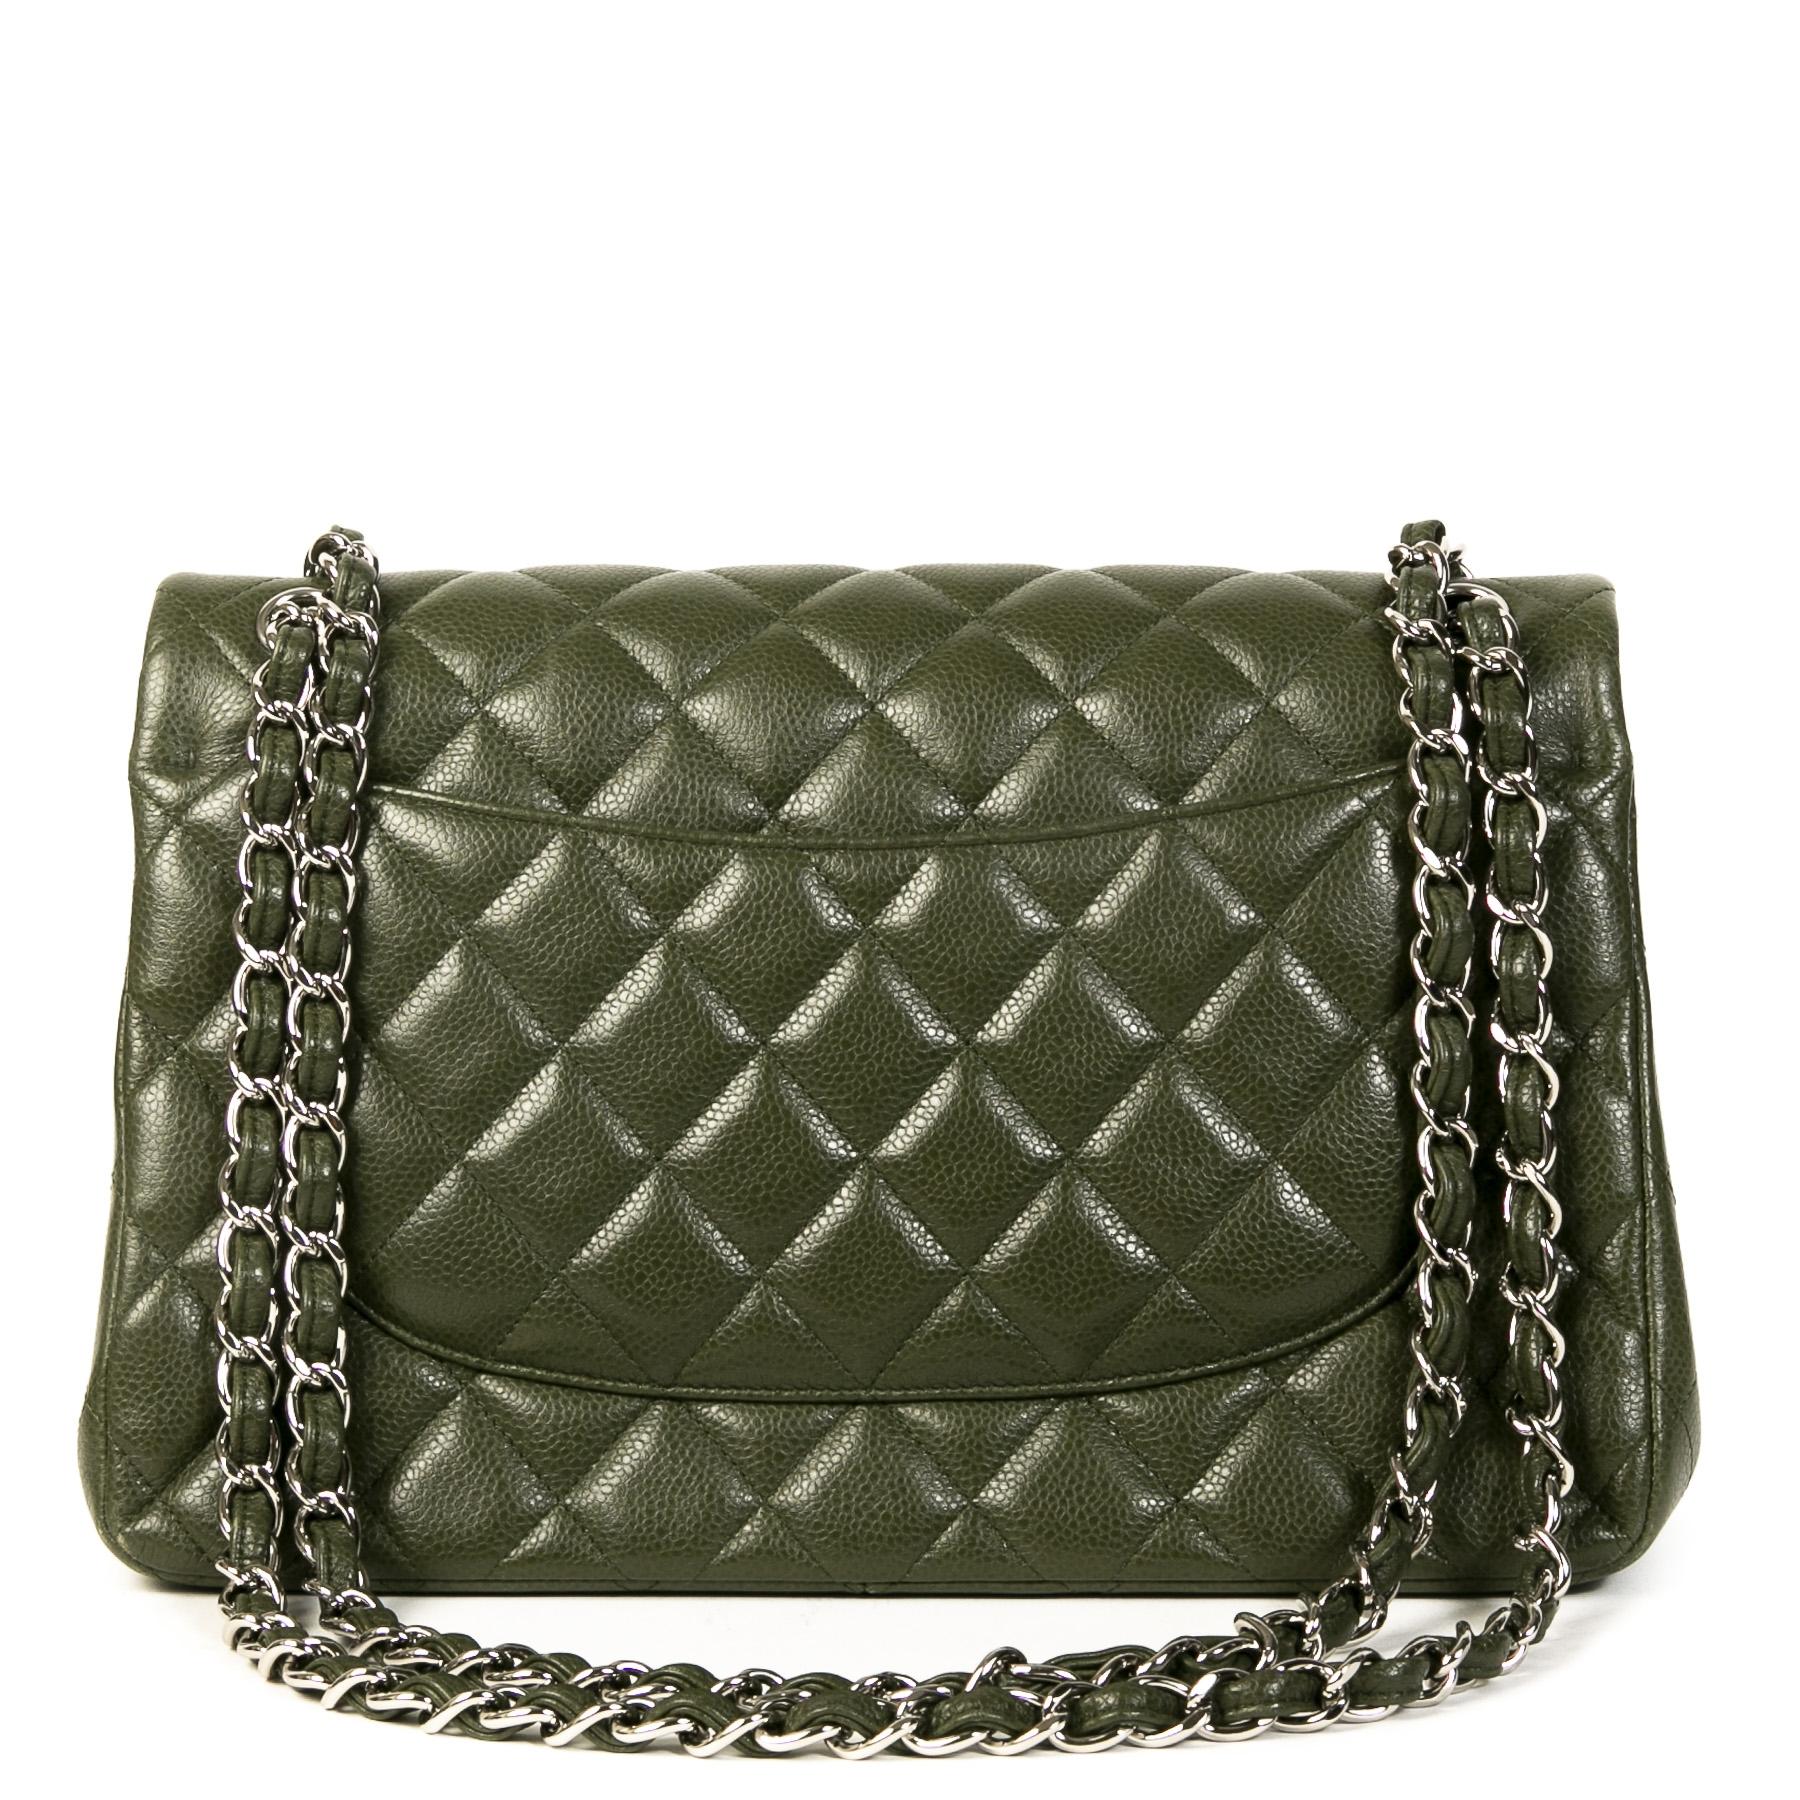 Authentieke Tweedehands Chanel Olive Green Jumbo Classic Double Flap Bag juiste prijs veilig online shoppen luxe merken webshop winkelen Antwerpen België mode fashion